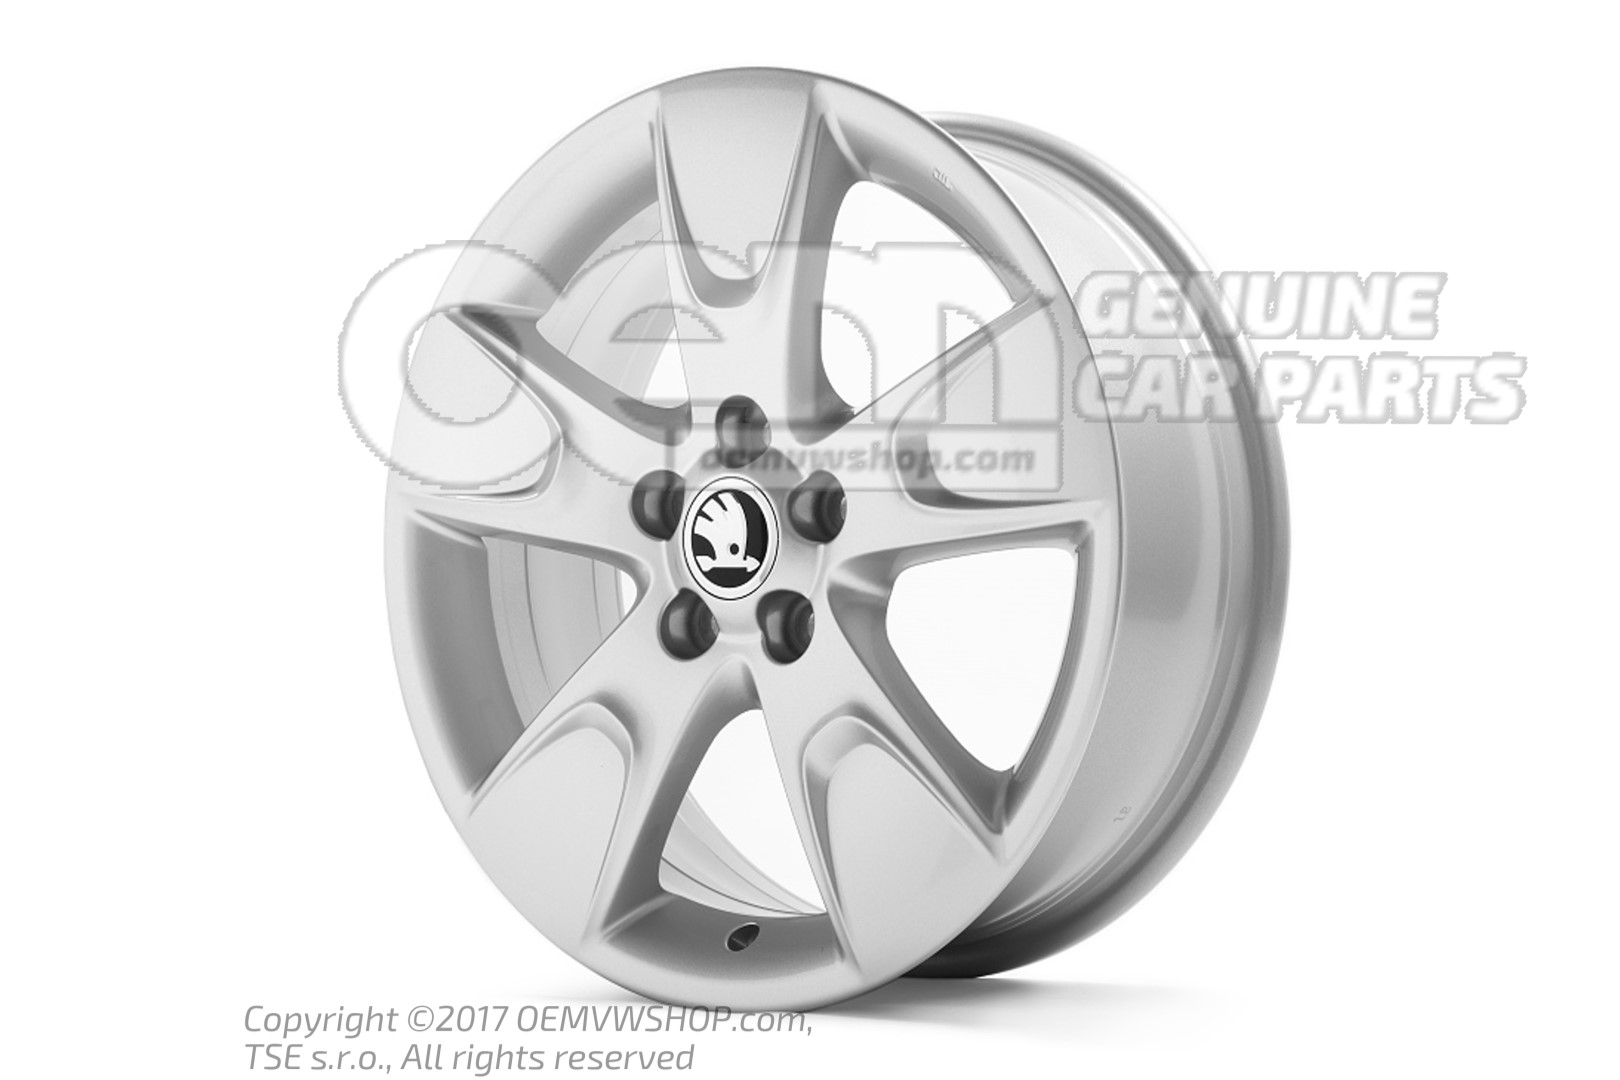 5j0071496l 7zs 5j0071496l7zs llanta de aluminio - Pulir llantas de aluminio a espejo ...